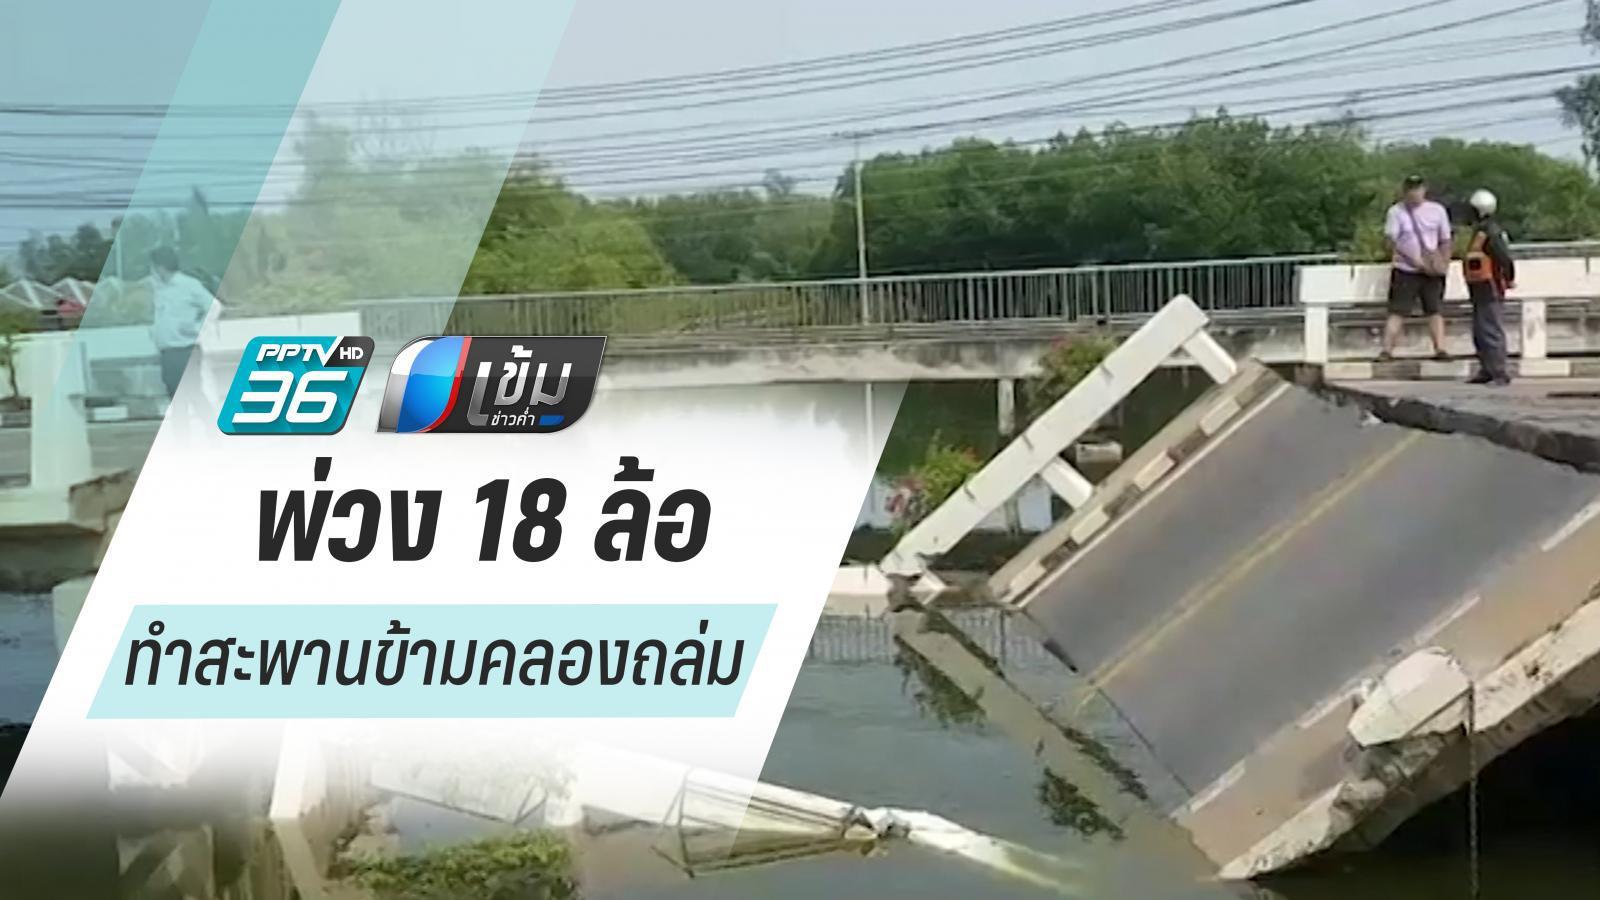 แจ้งข้อหาขับรถประมาท คนขับพ่วง 18 ล้อ ทำสะพานข้ามคลองเกาะโพธิ์ พังถล่ม!